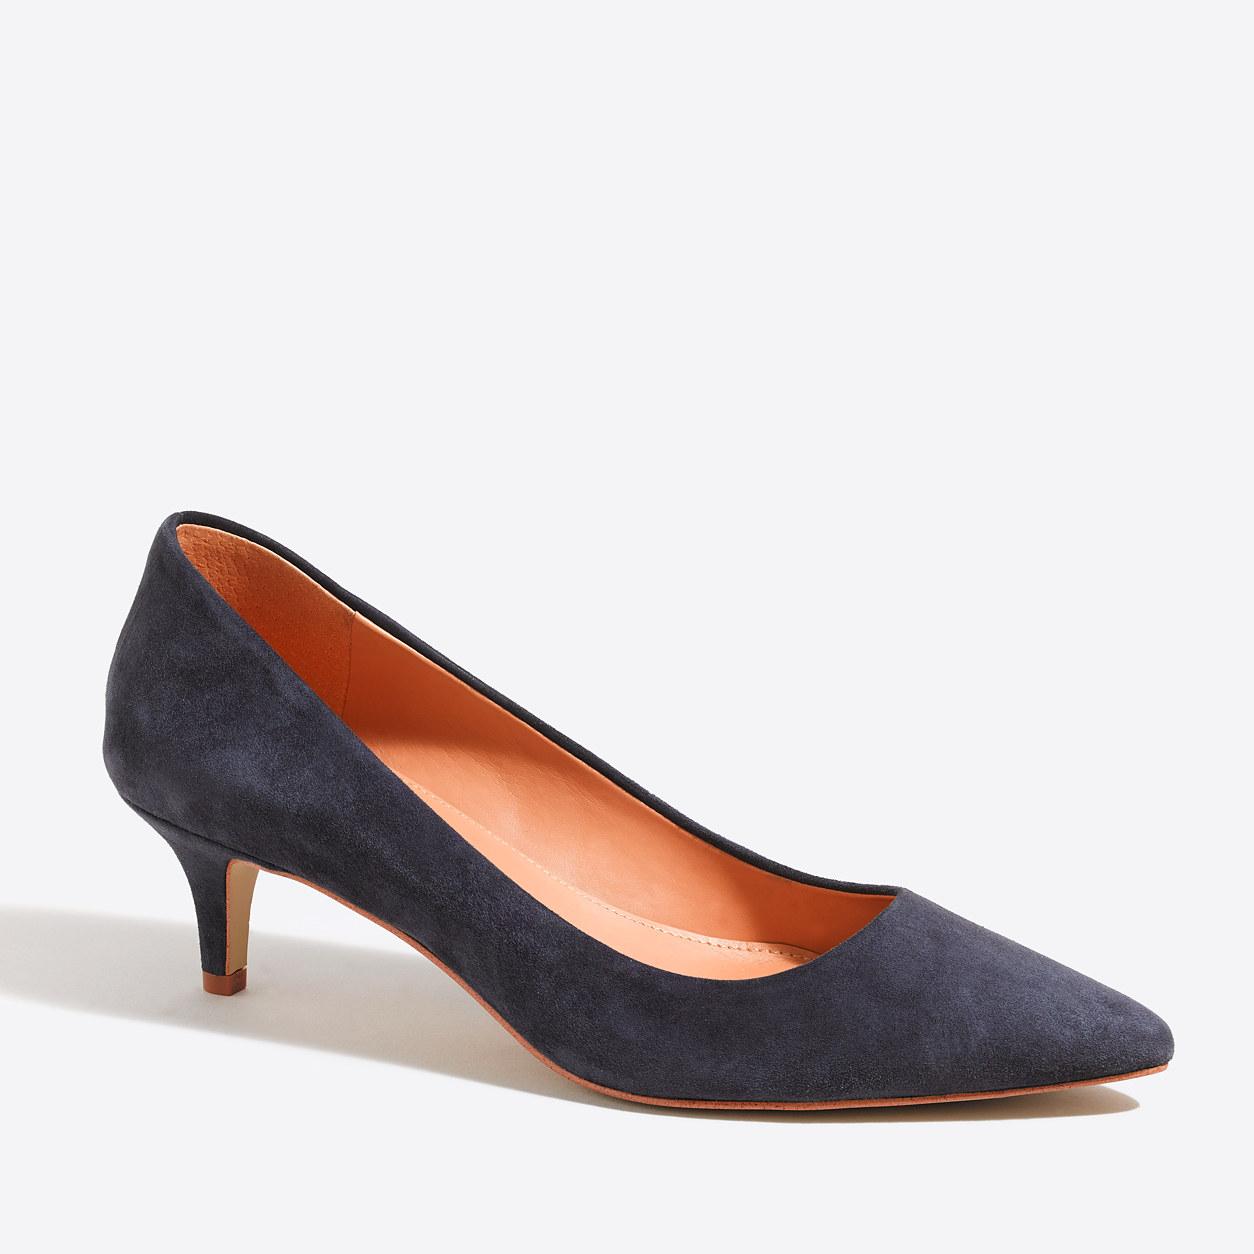 Esme metallic kitten heels : Heels   J.Crew Factory